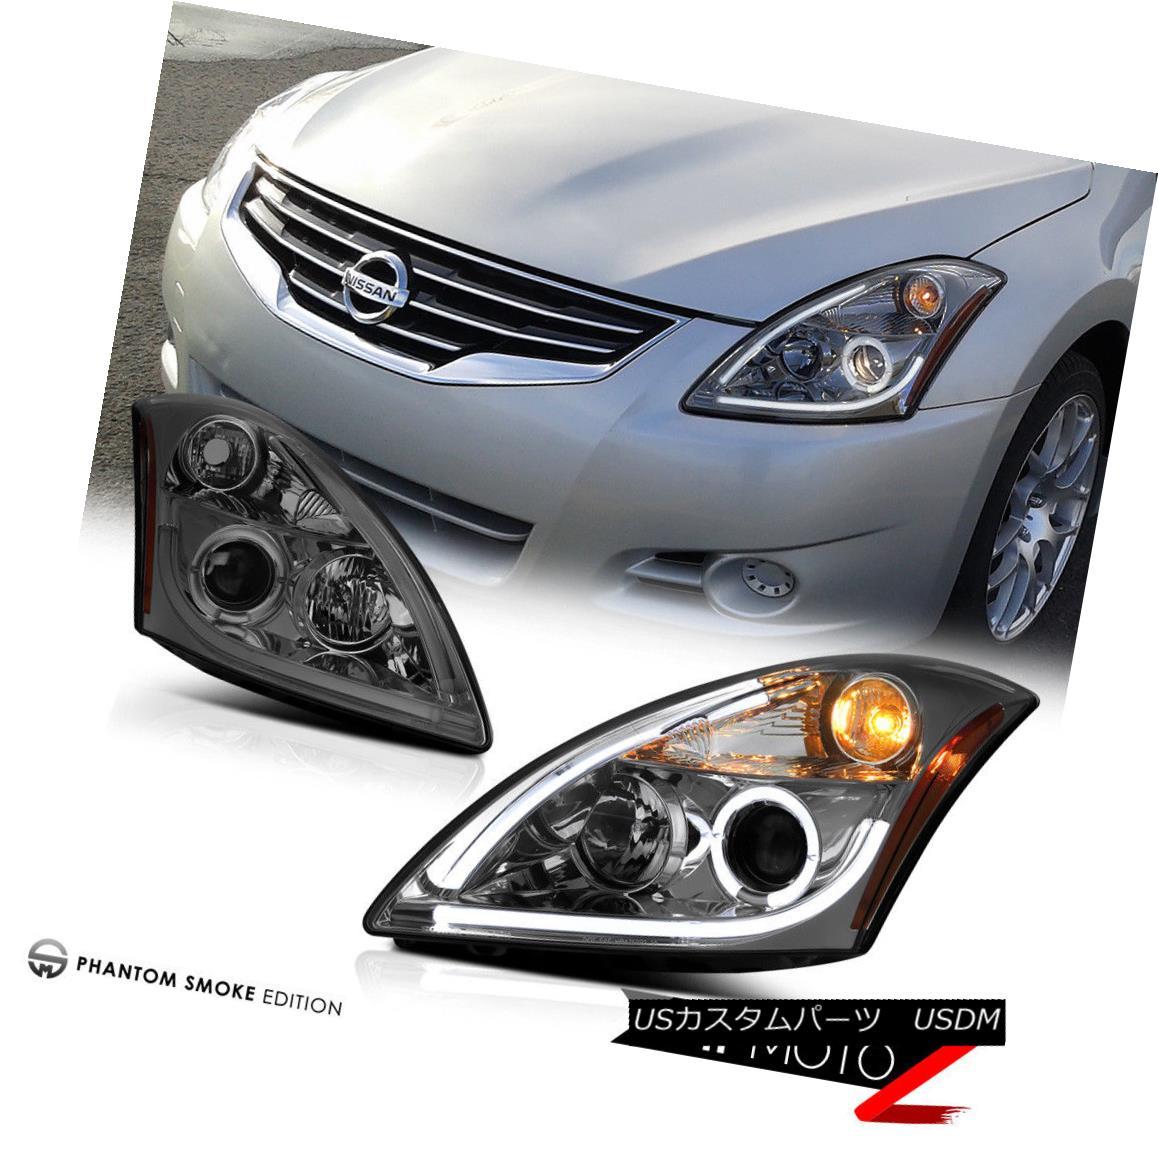 ヘッドライト For 2010-2012 Altima Sedan